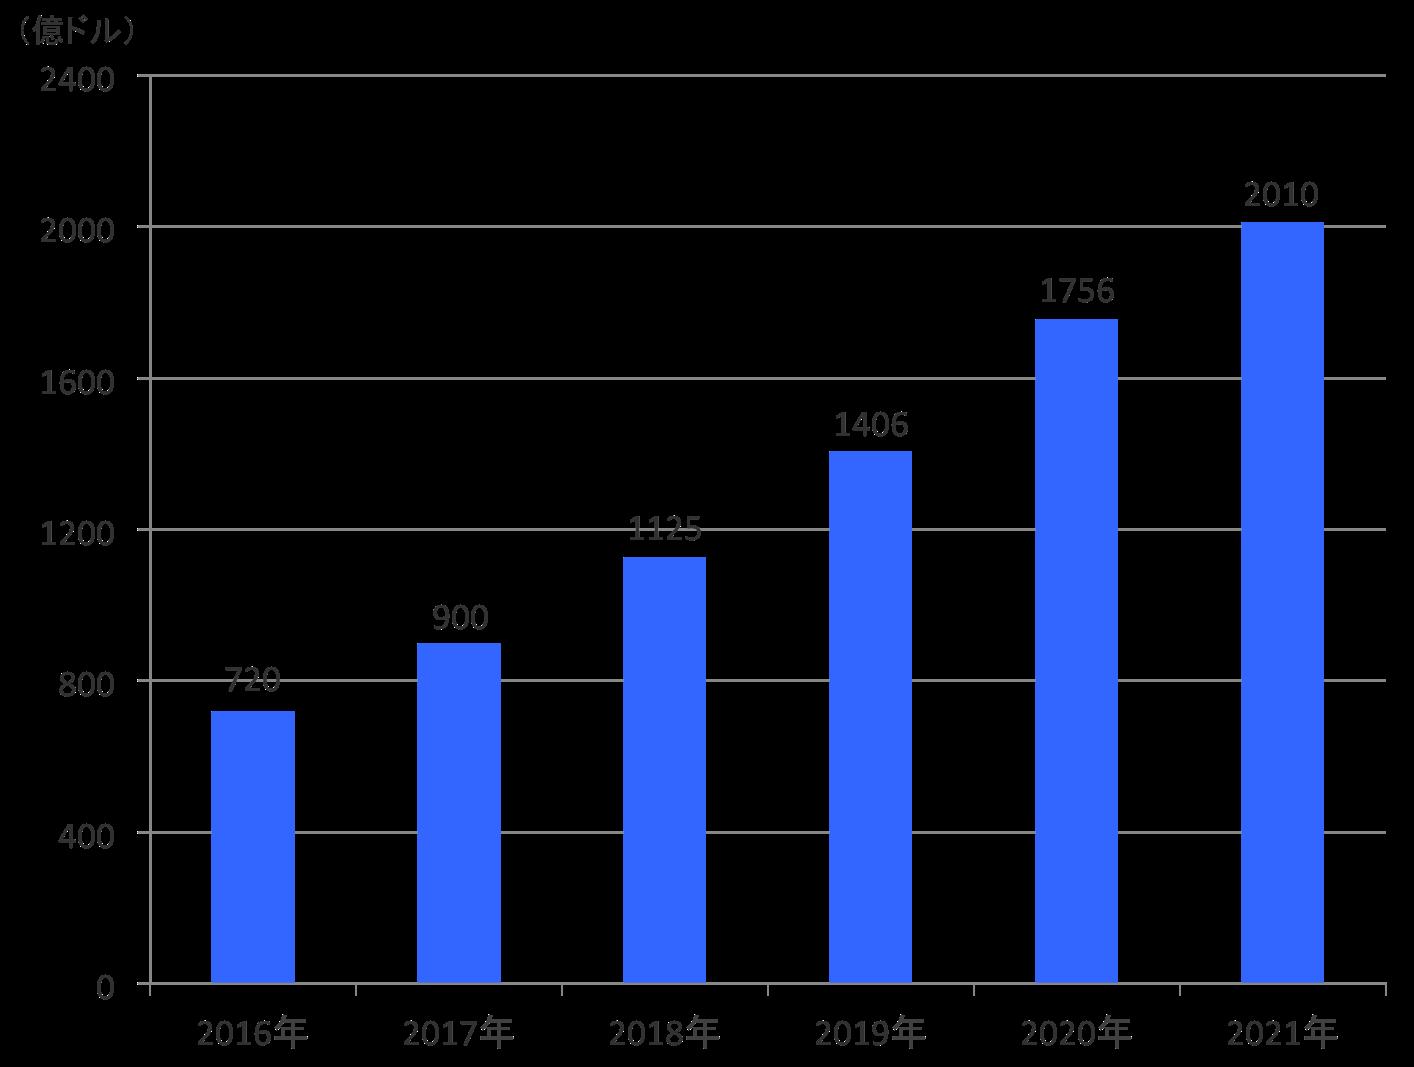 app-content-market-size-transition-graph-1